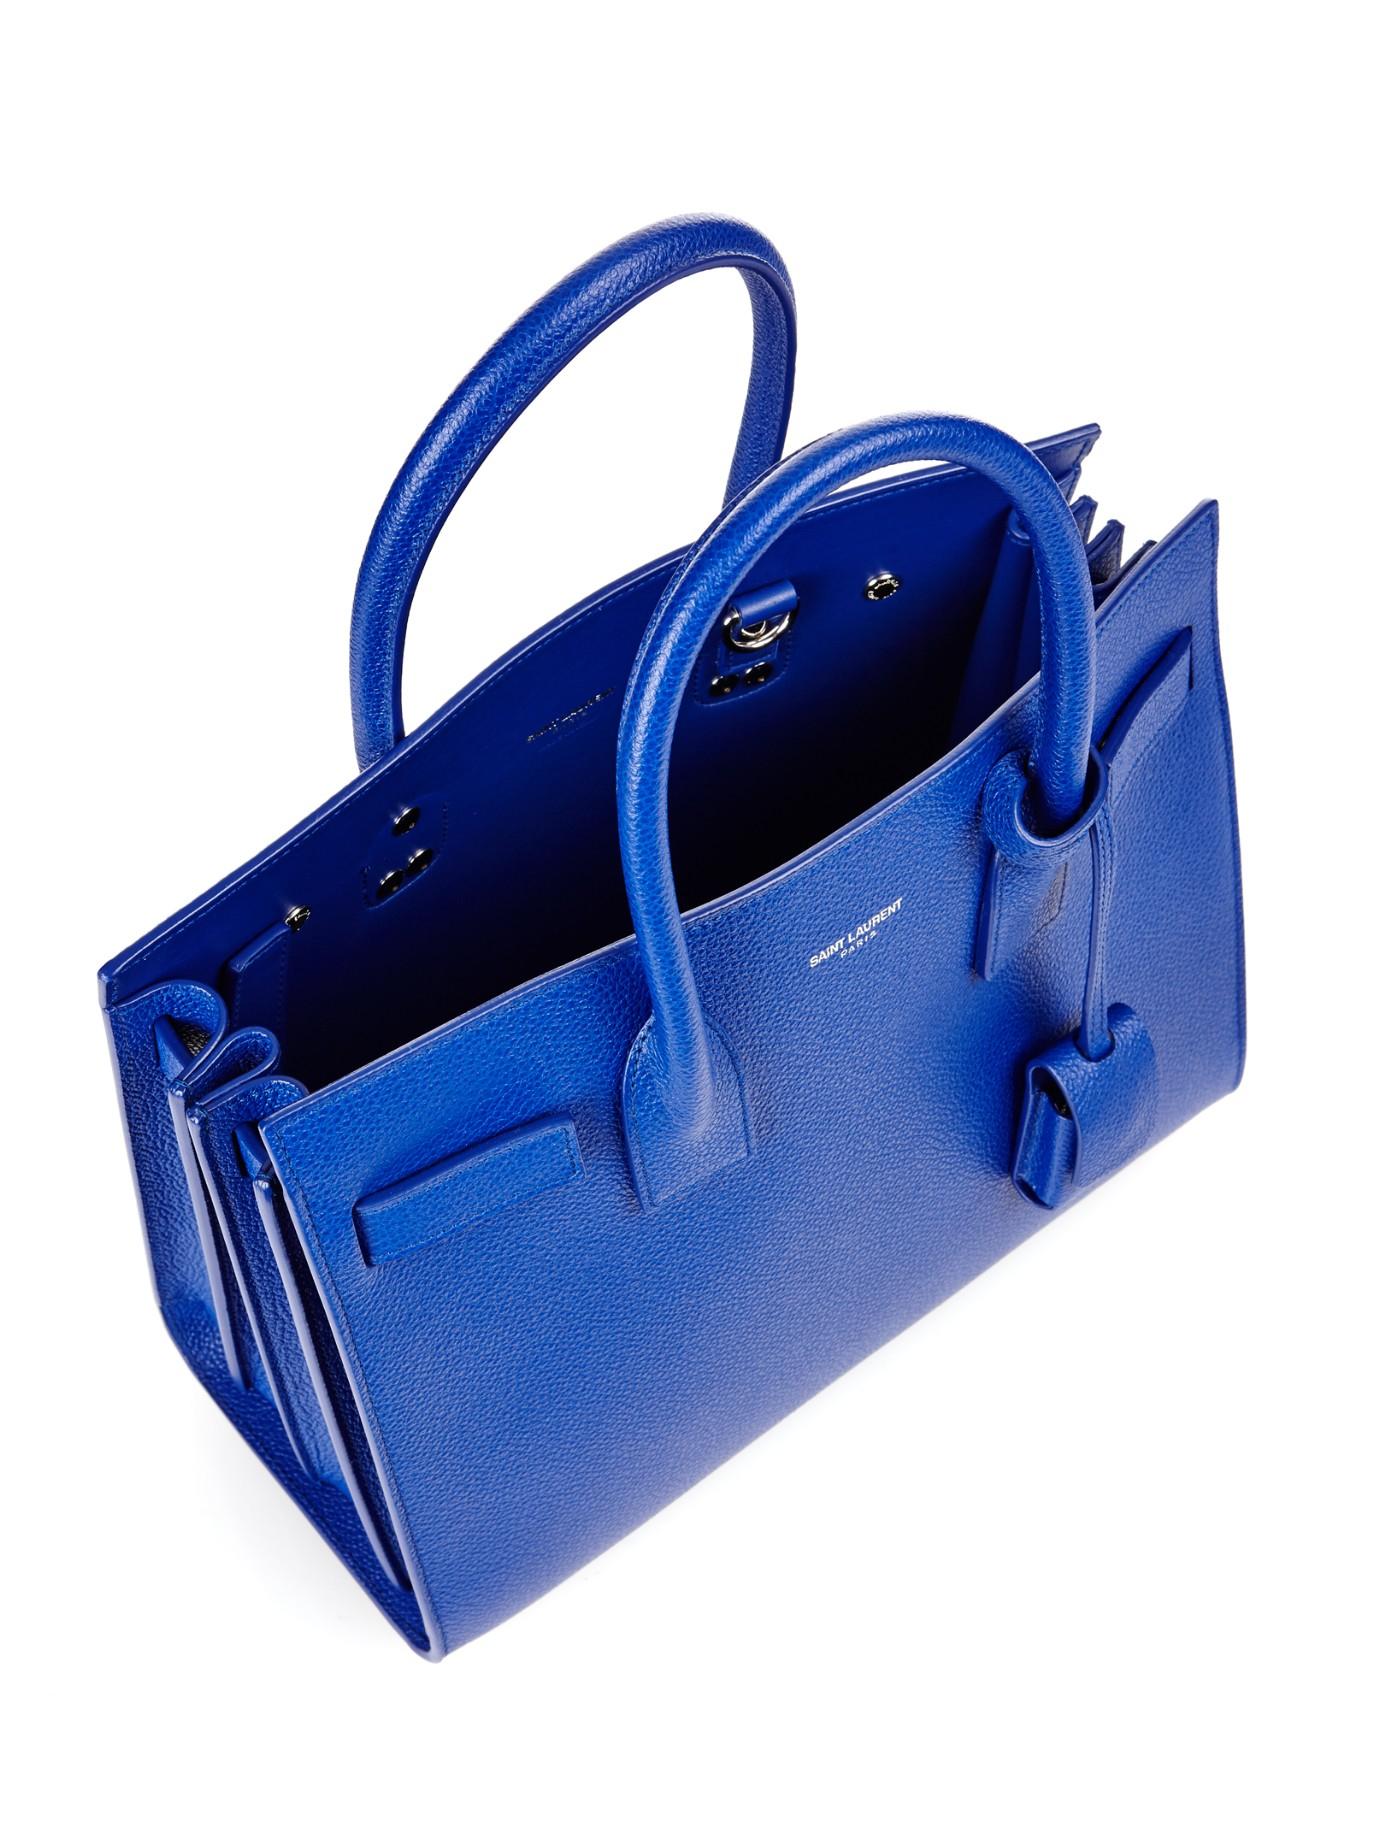 sac de jour mini grained leather satchel bag, cobalt